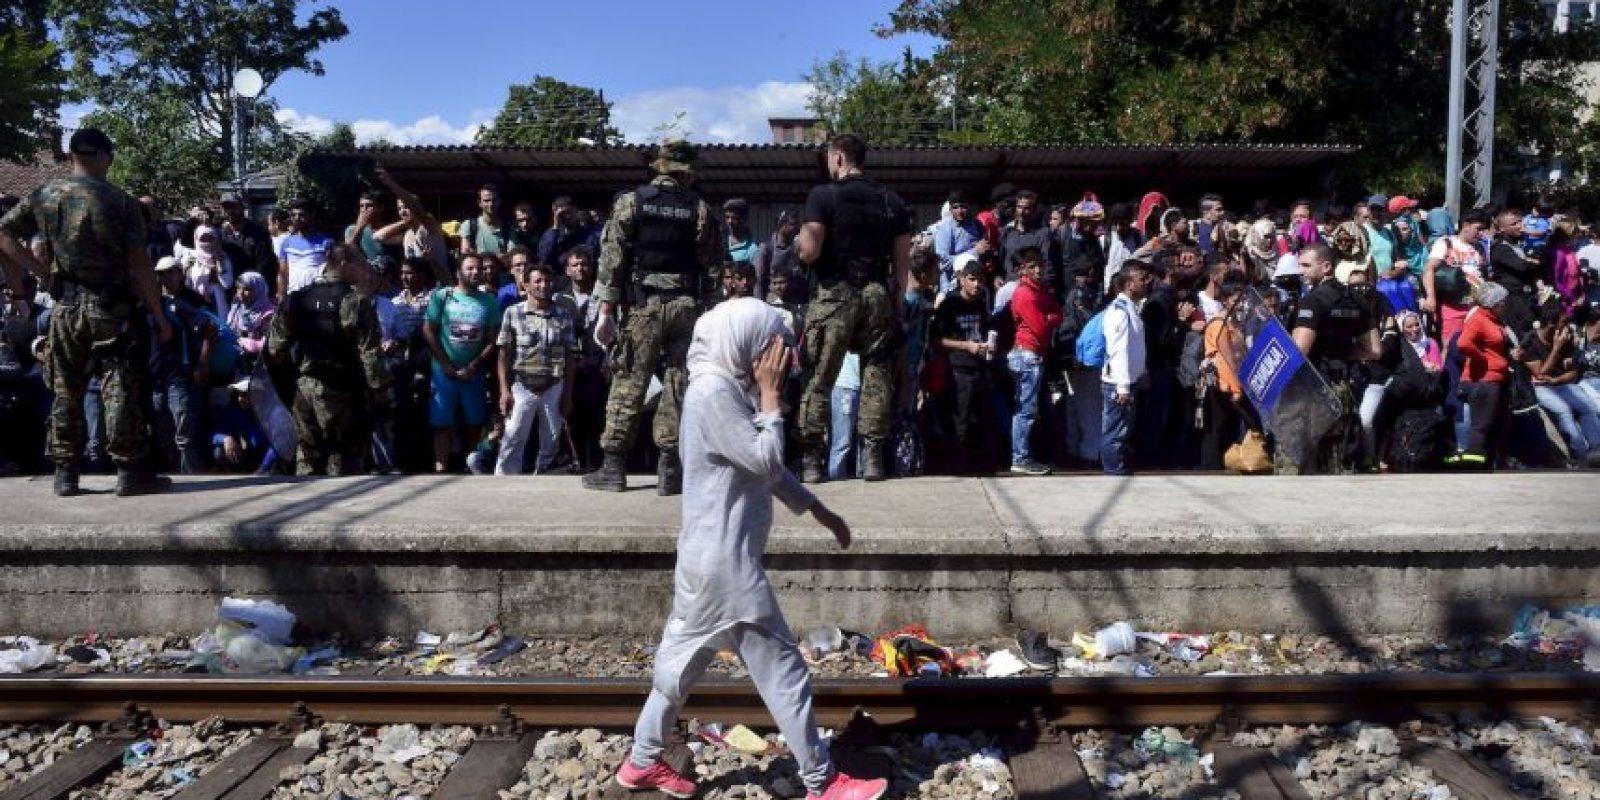 De acuerdo a la Agencia de la ONU para los Refugiados (ACNUR), en 2014 el número de refugiados a nivel mundial ascendió a 59.5 millones de persona, cifra que sobrepasa al número de desplazados de la Segunda Guerra mundial, que fue de aproximadamente 50 millones. Foto:Getty Images